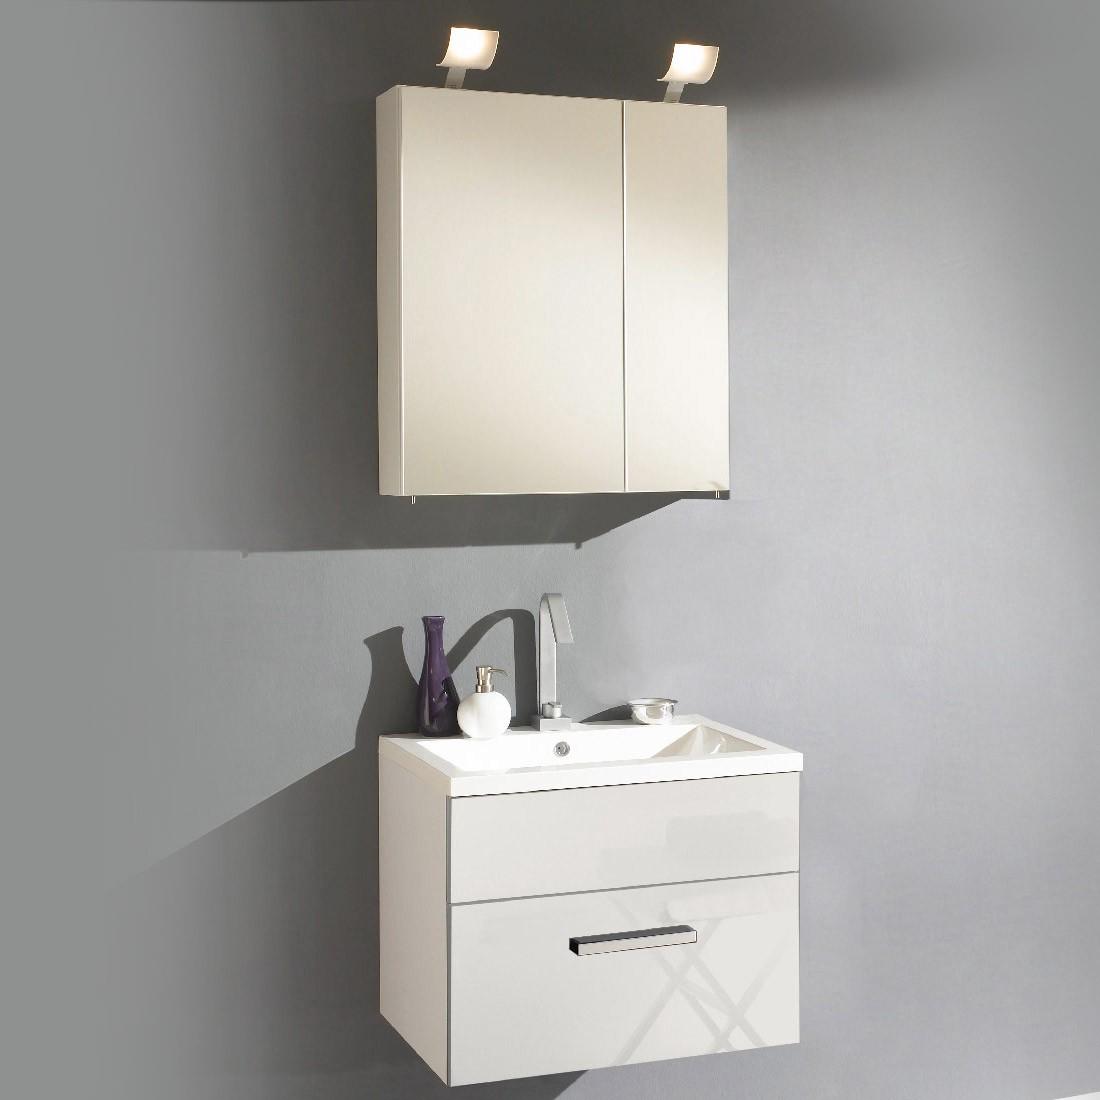 energia B, Mobile da lavabo Victoria - Lavabo incluso + armadietto a specchio 60 cm Bianco lucido, Aqua Suite